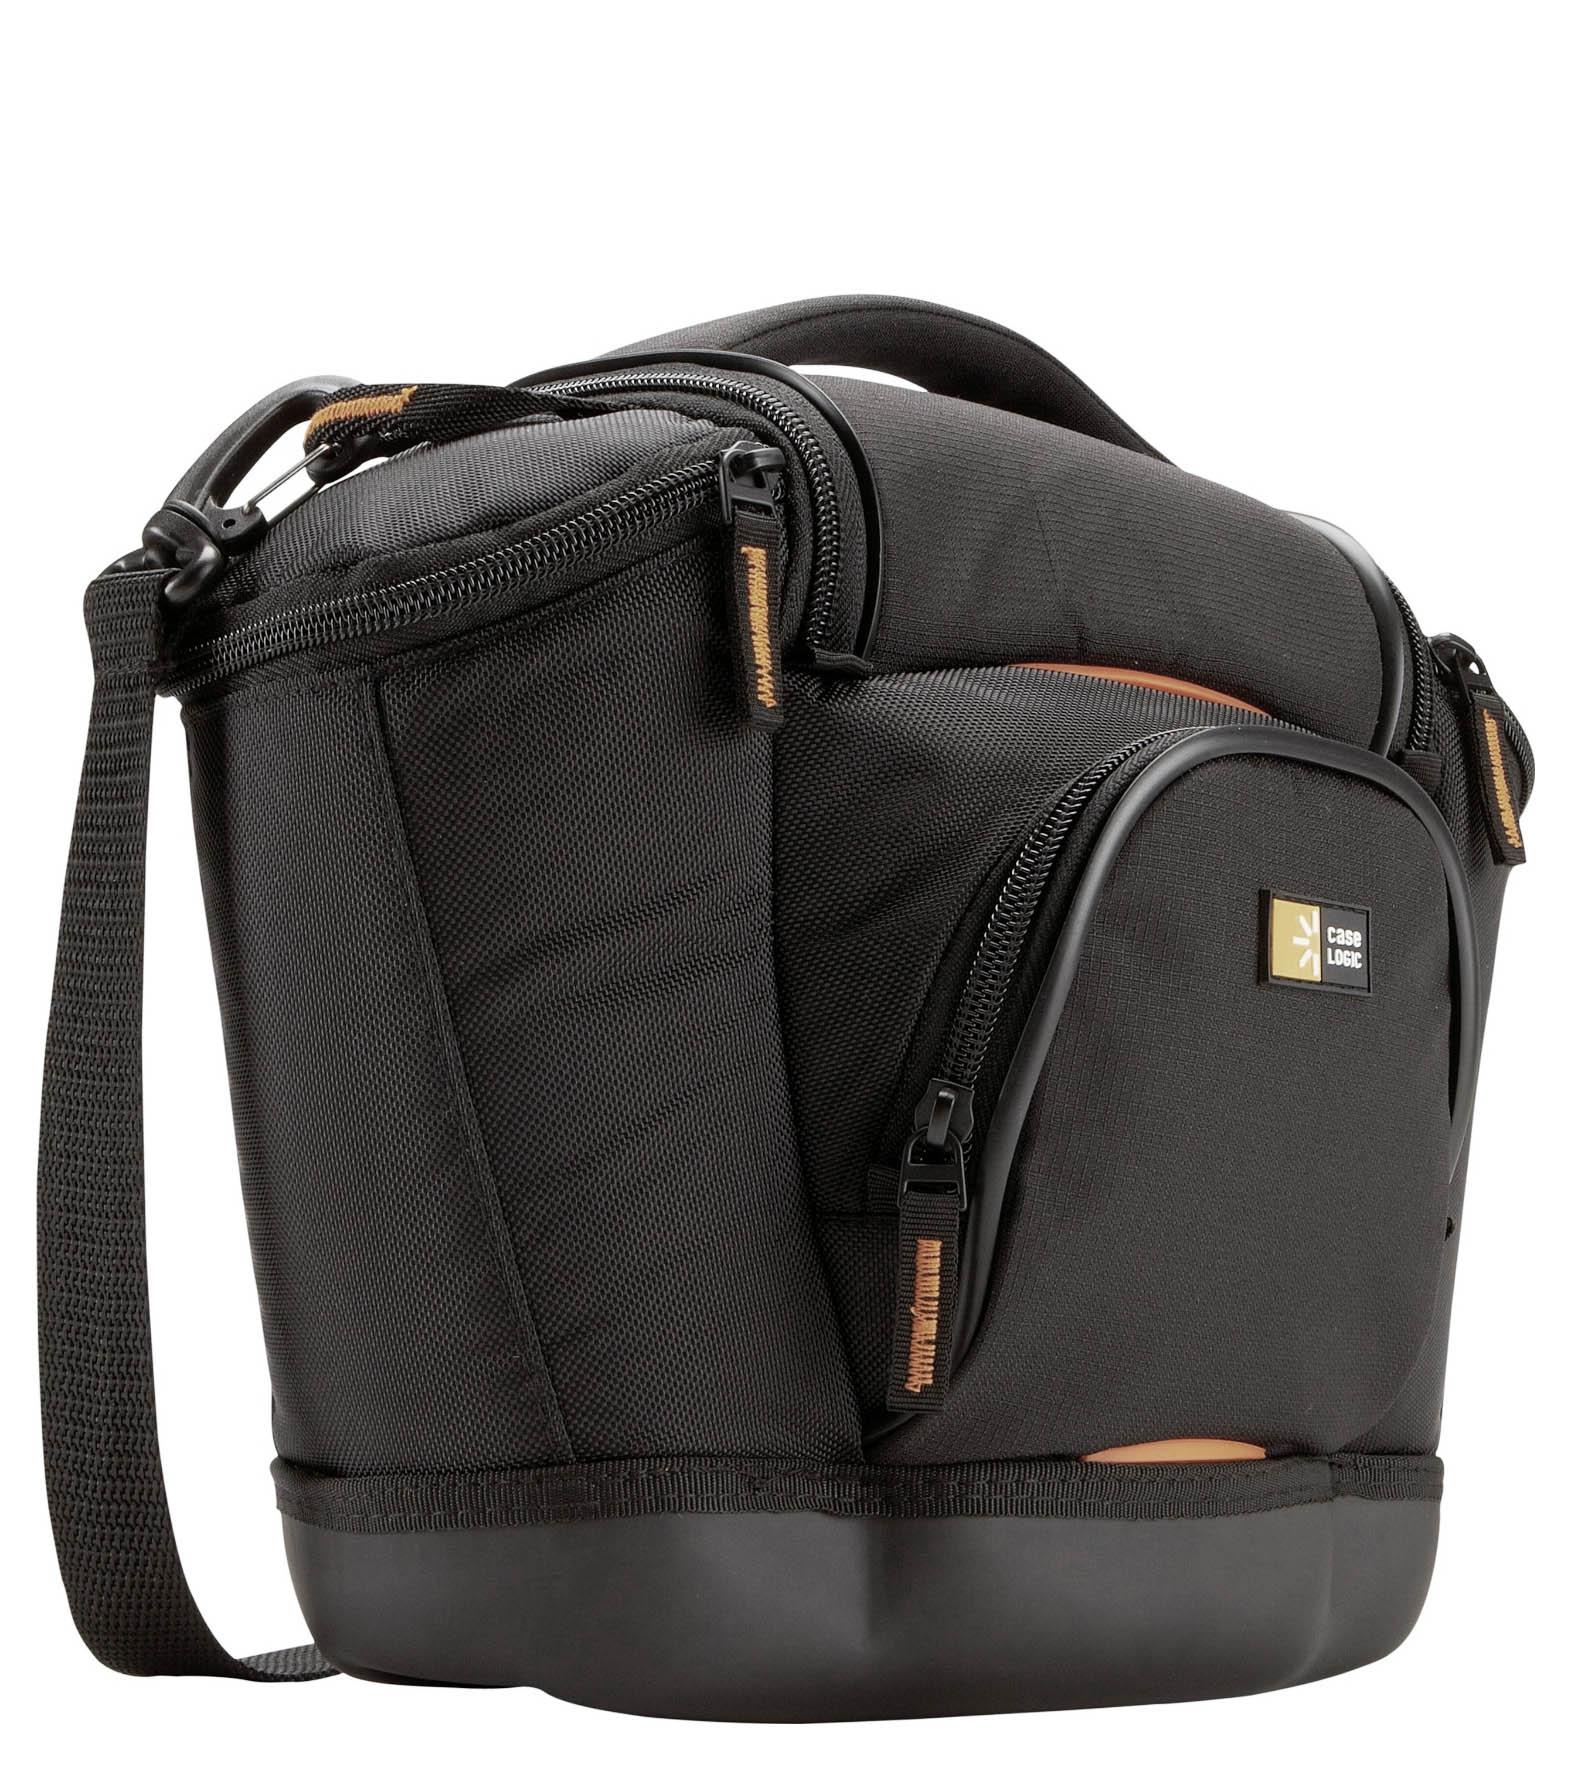 Small Non-Canon Camera Bag